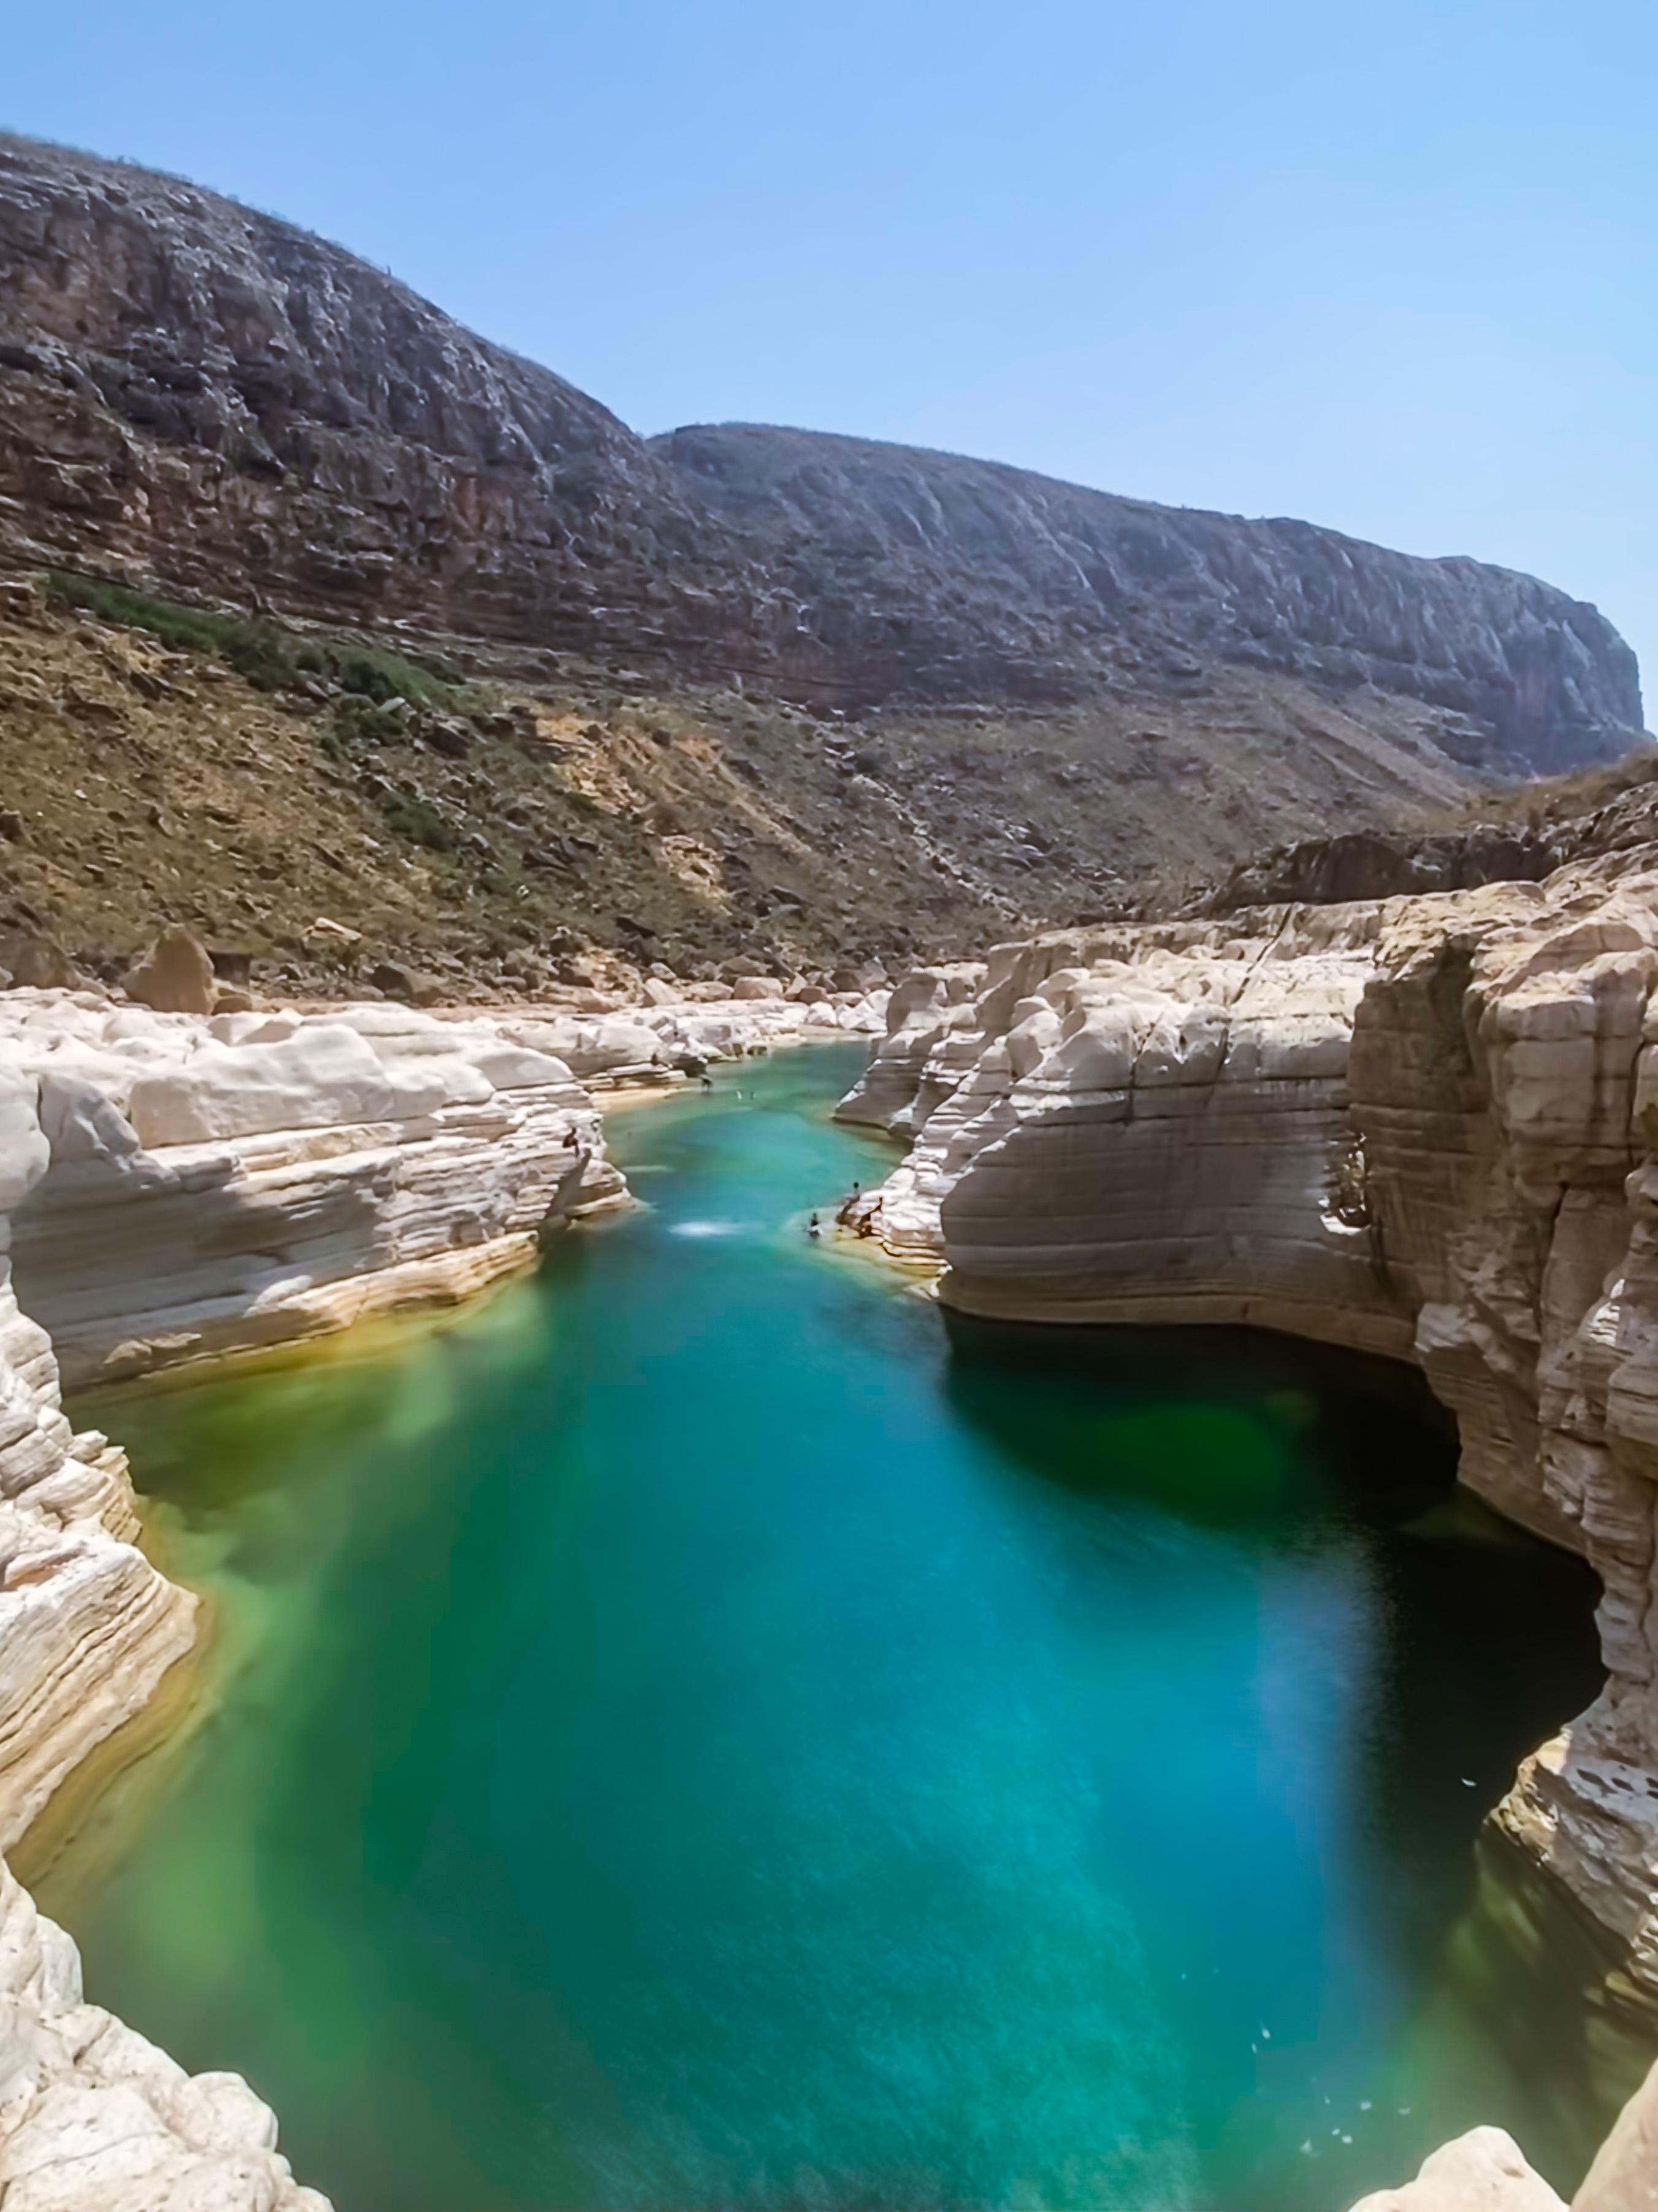 Swimming gorge in Kallisan